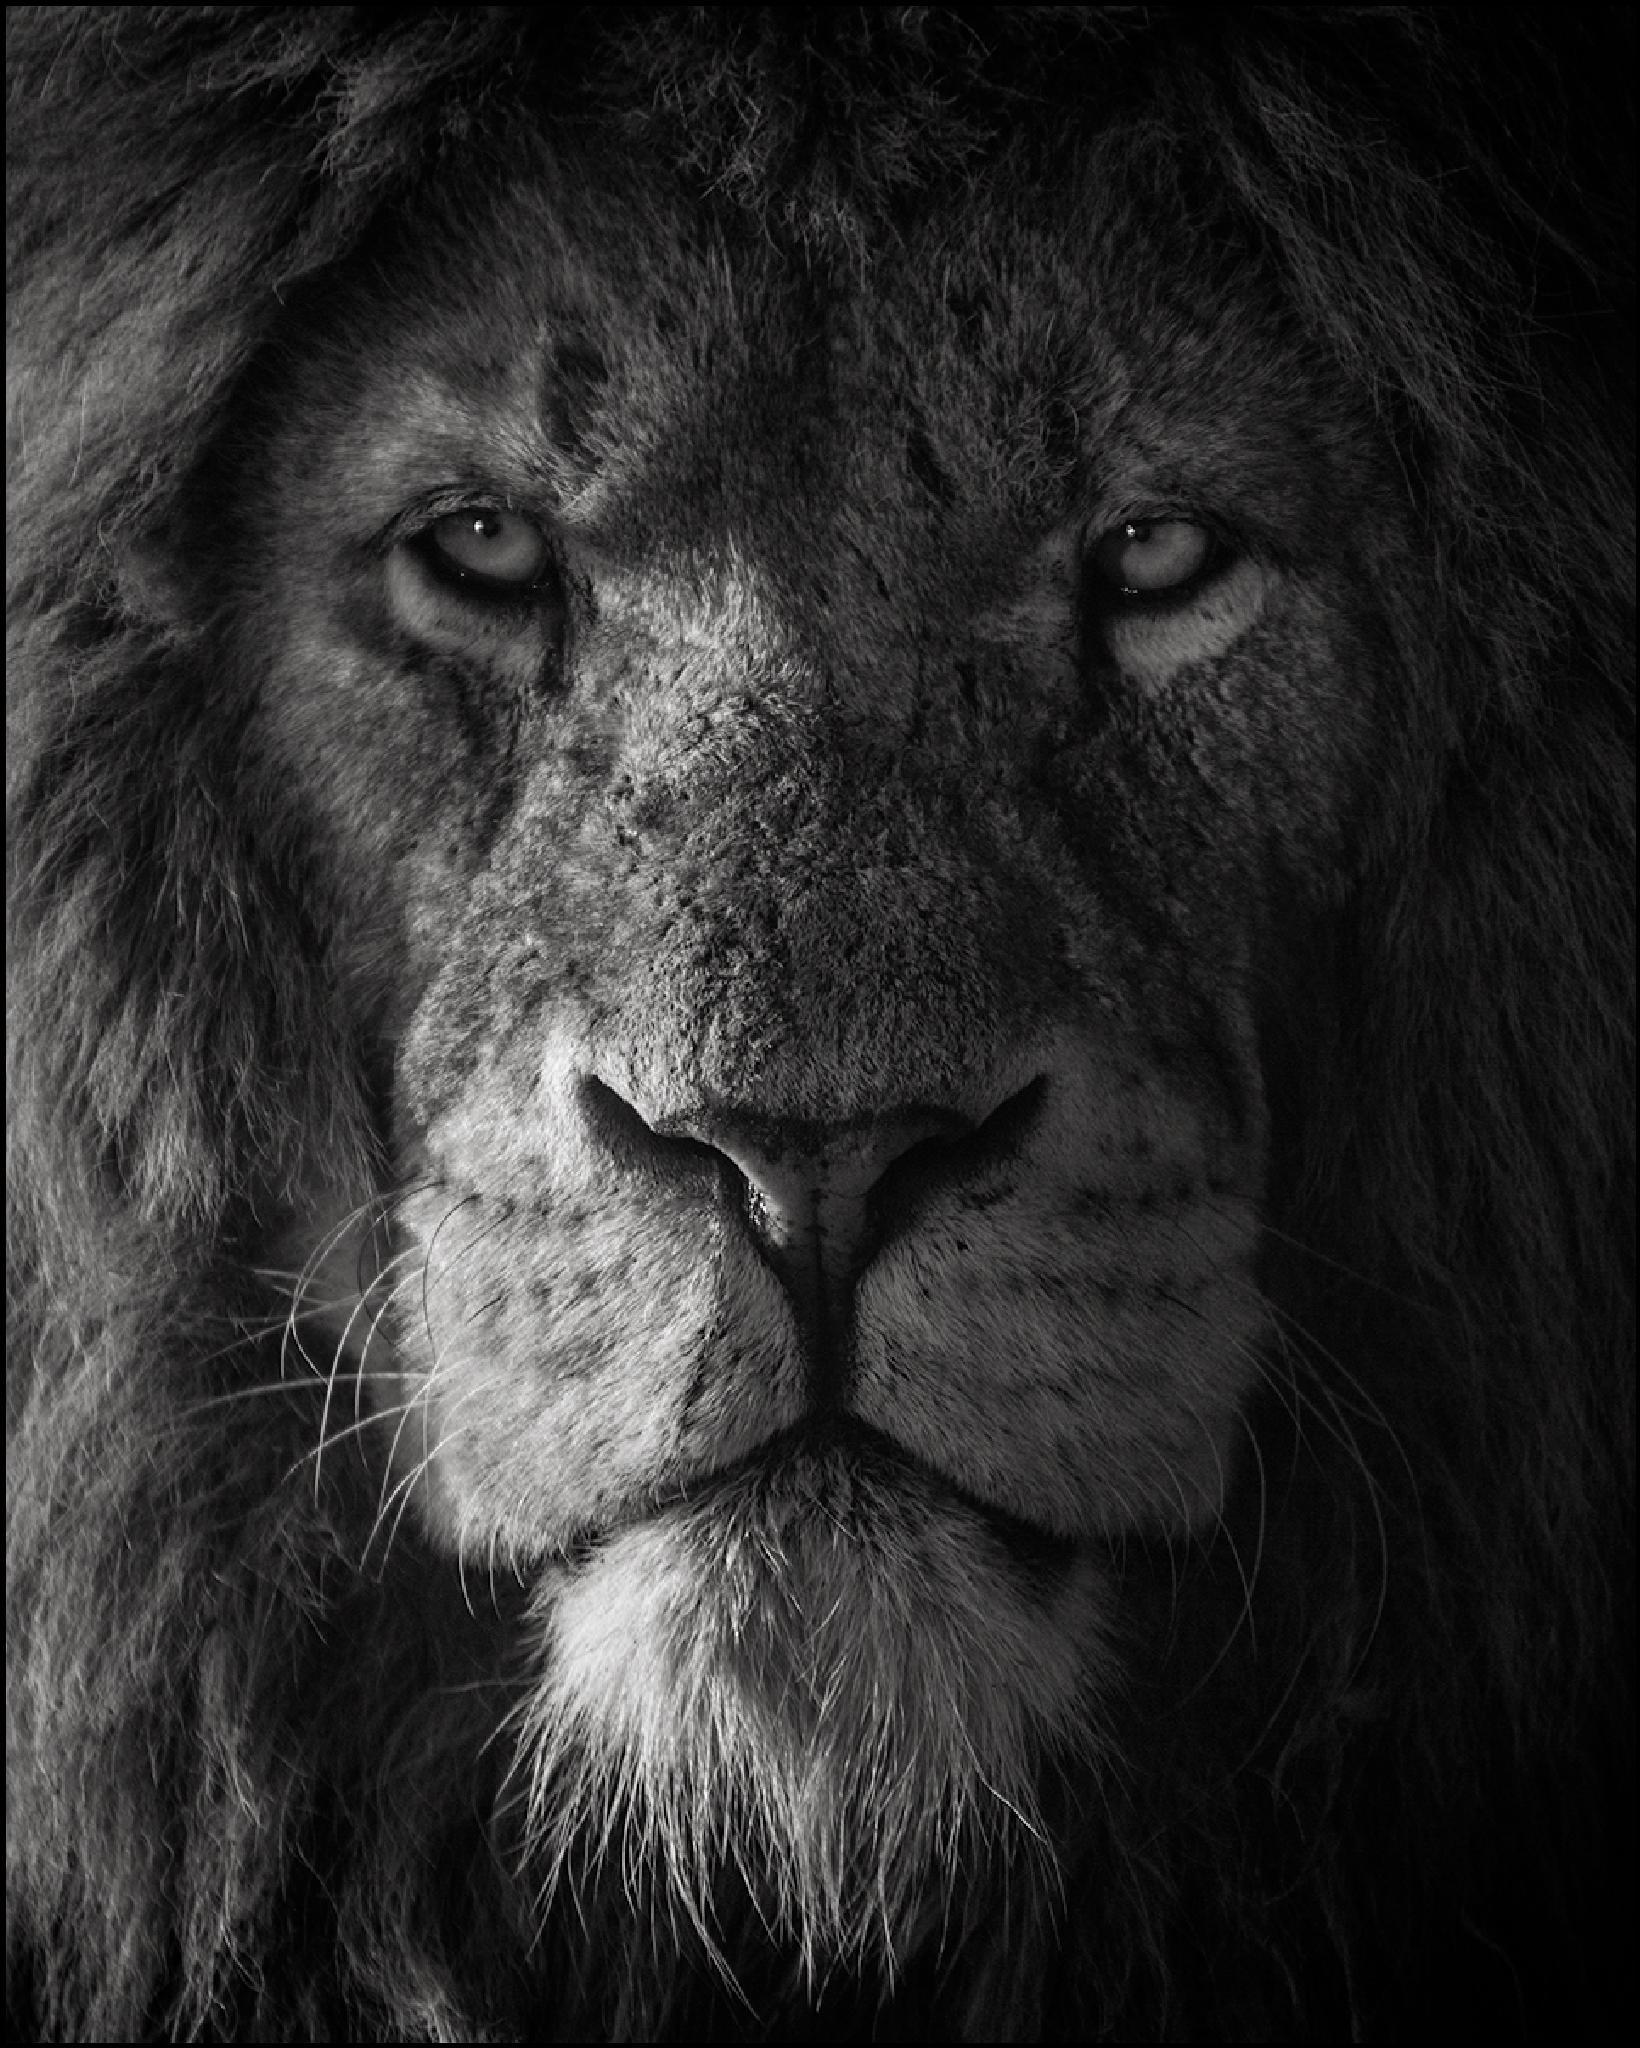 The Lion King by Marac Andrzej Kolodzinski